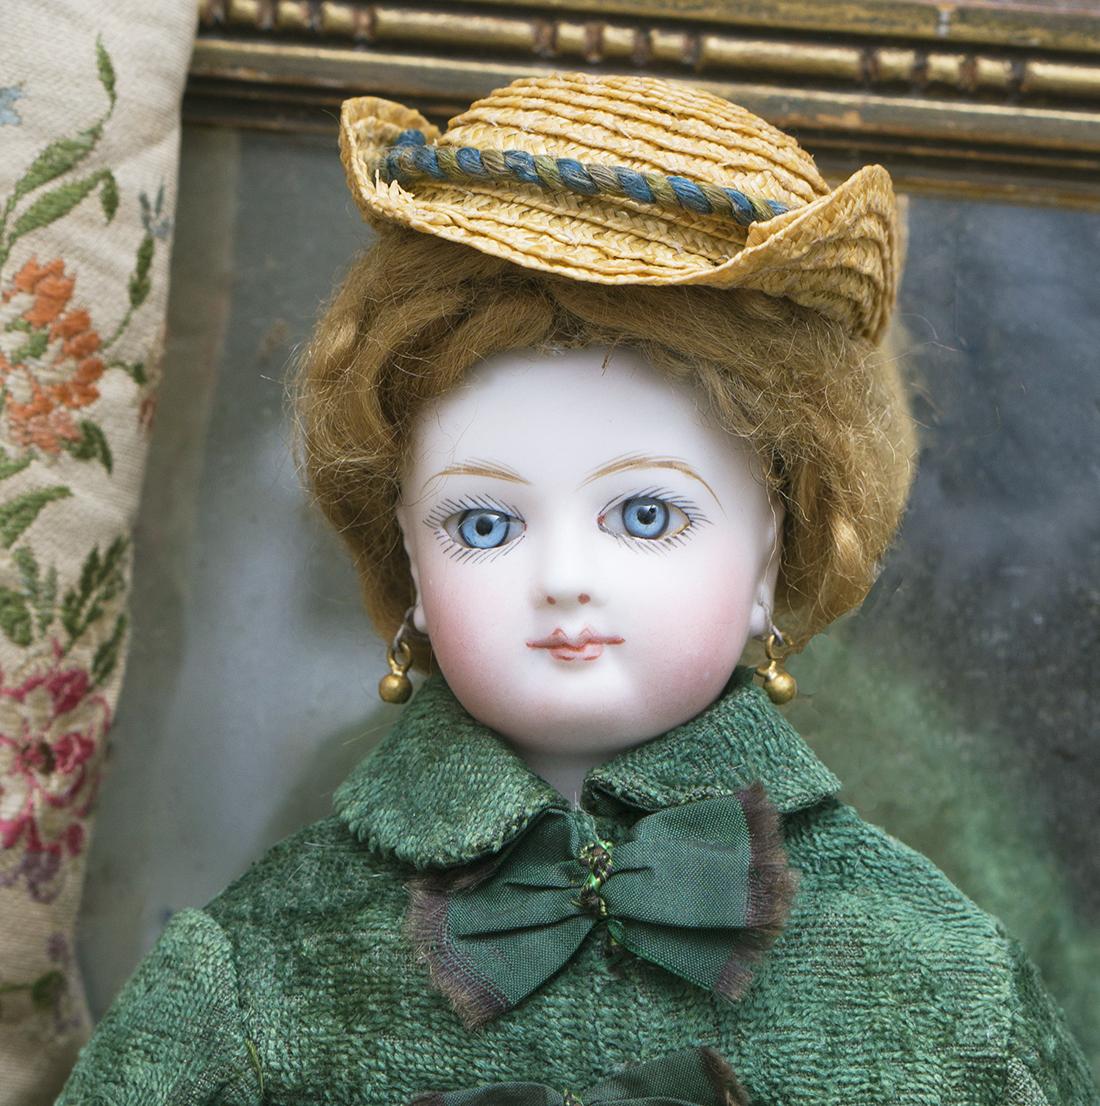 French Fashion Jumeau doll